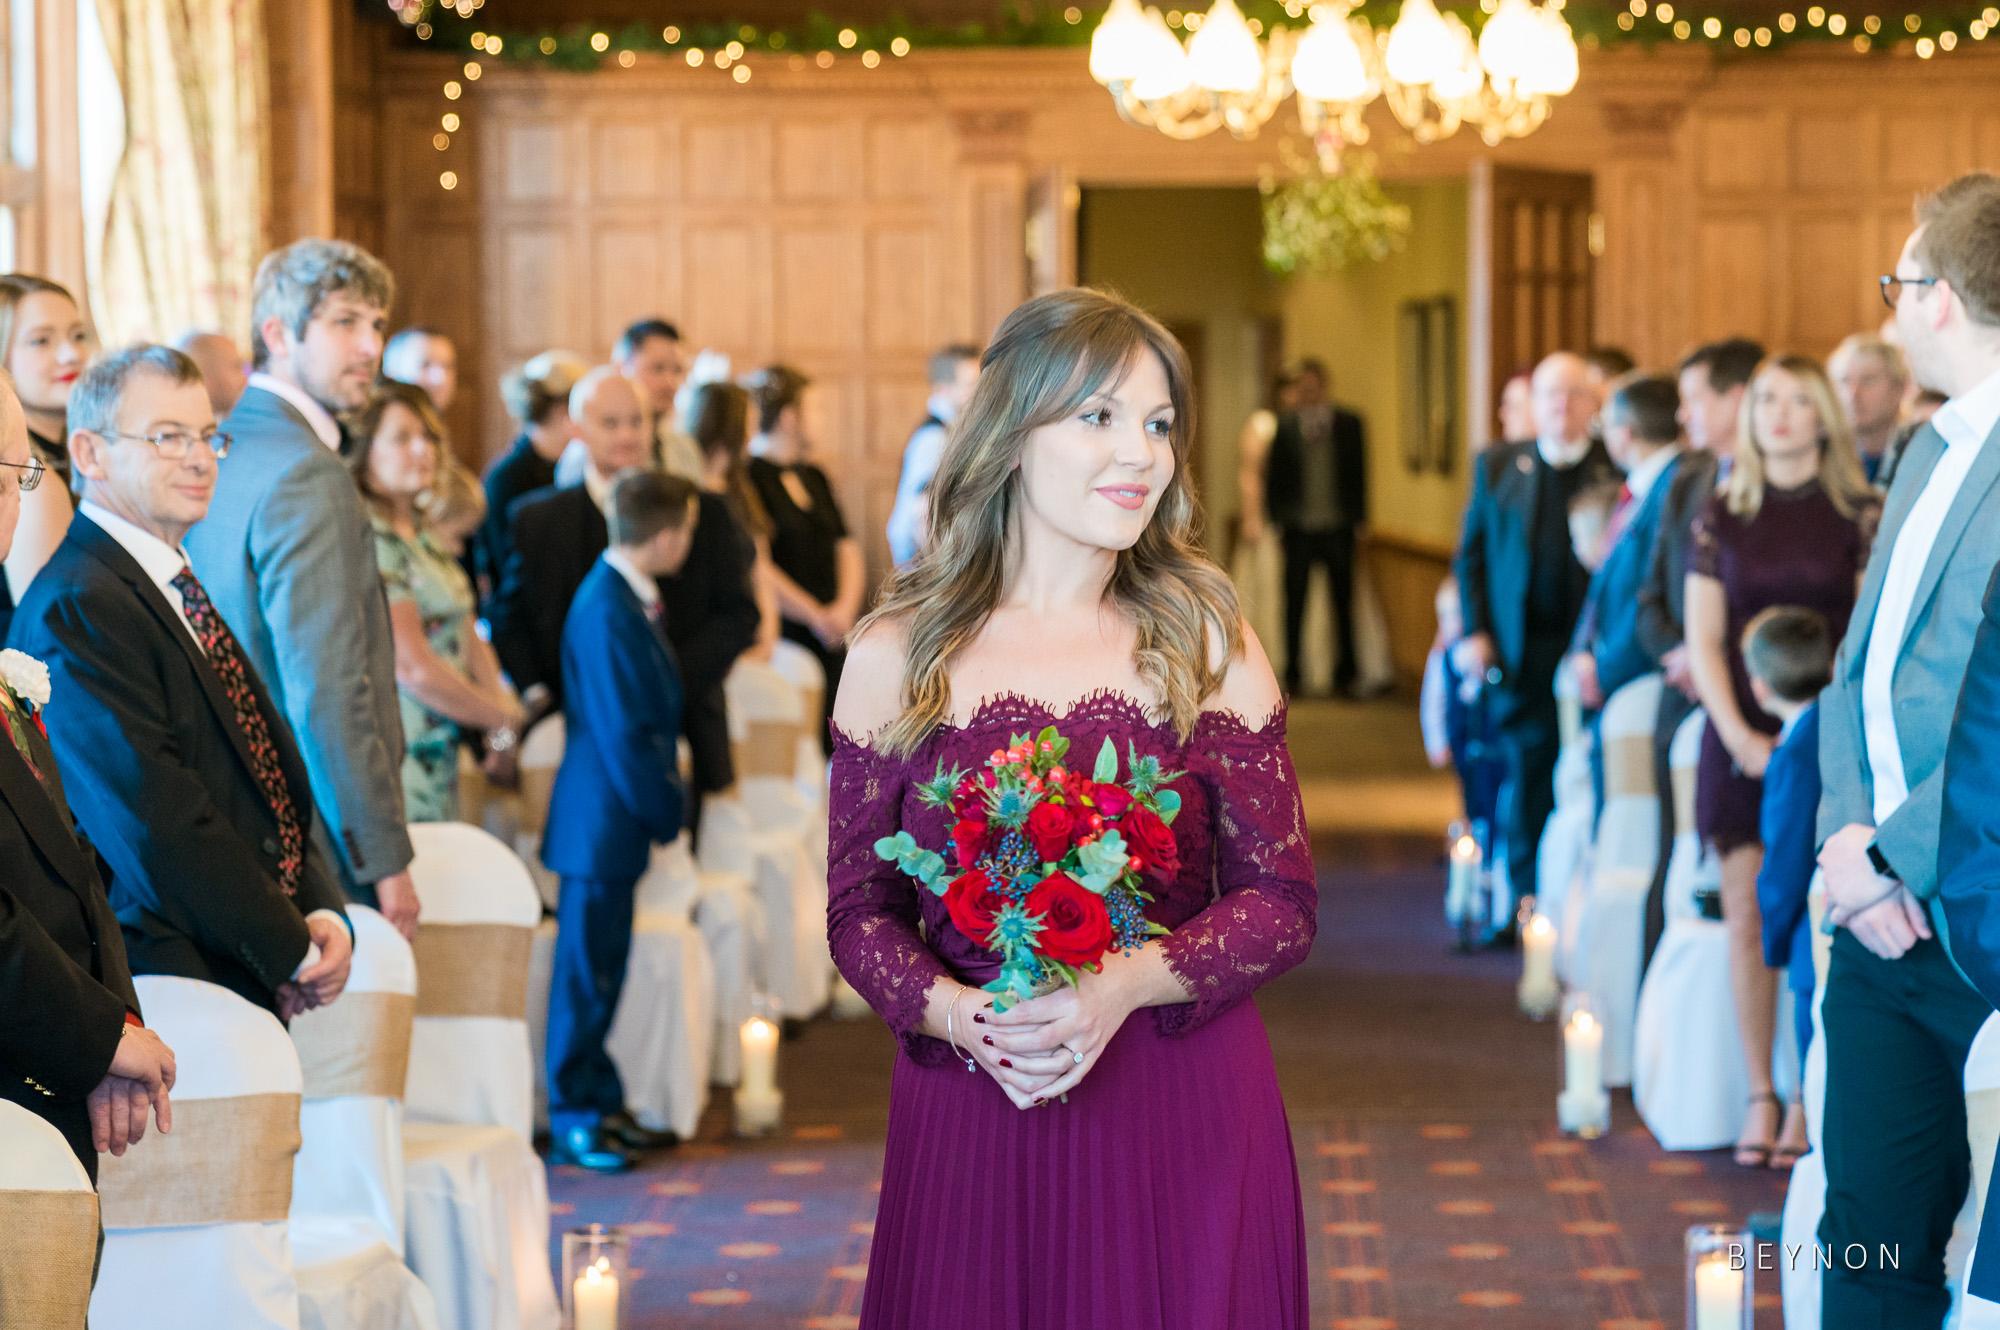 A bridesmaid walks down the aisle